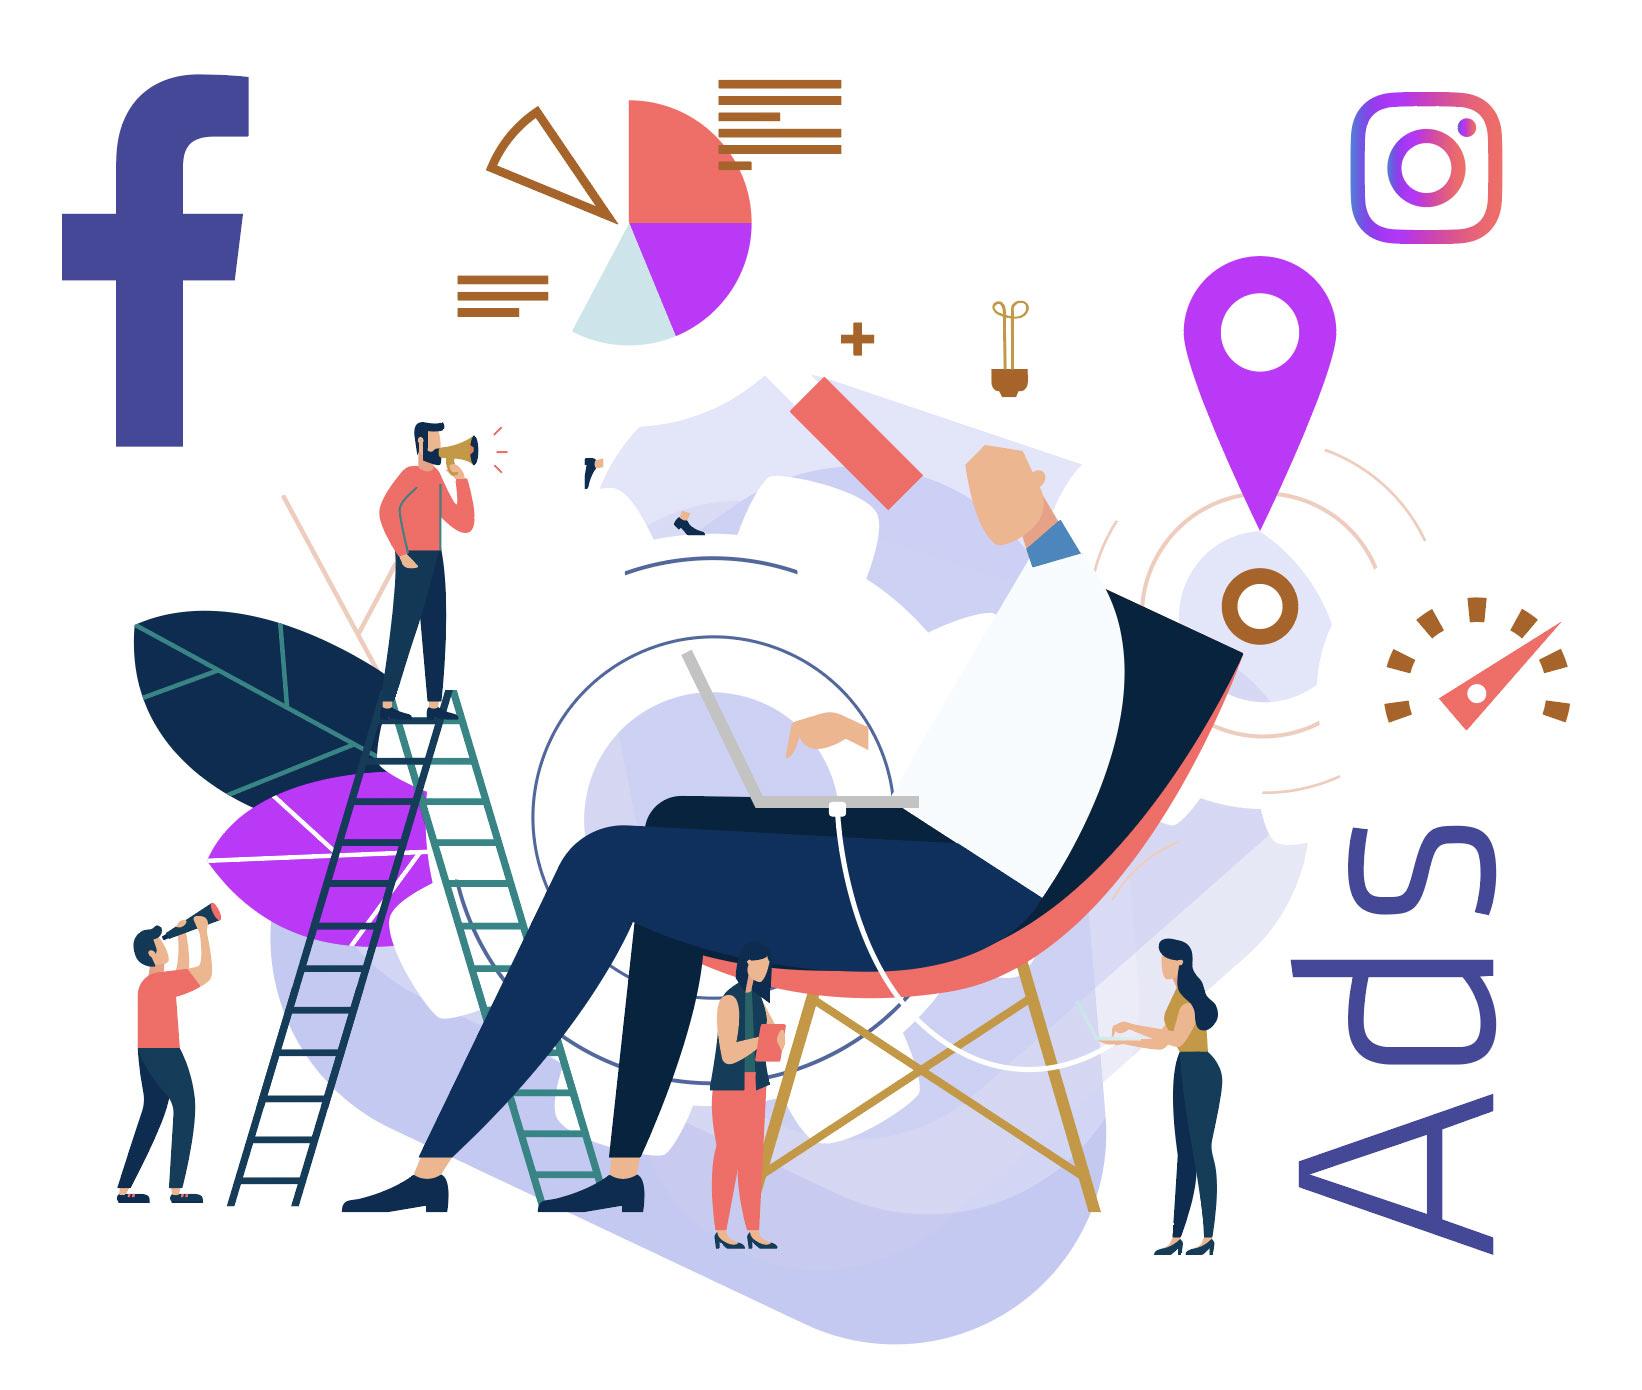 Facebook Ads Road Map illustration